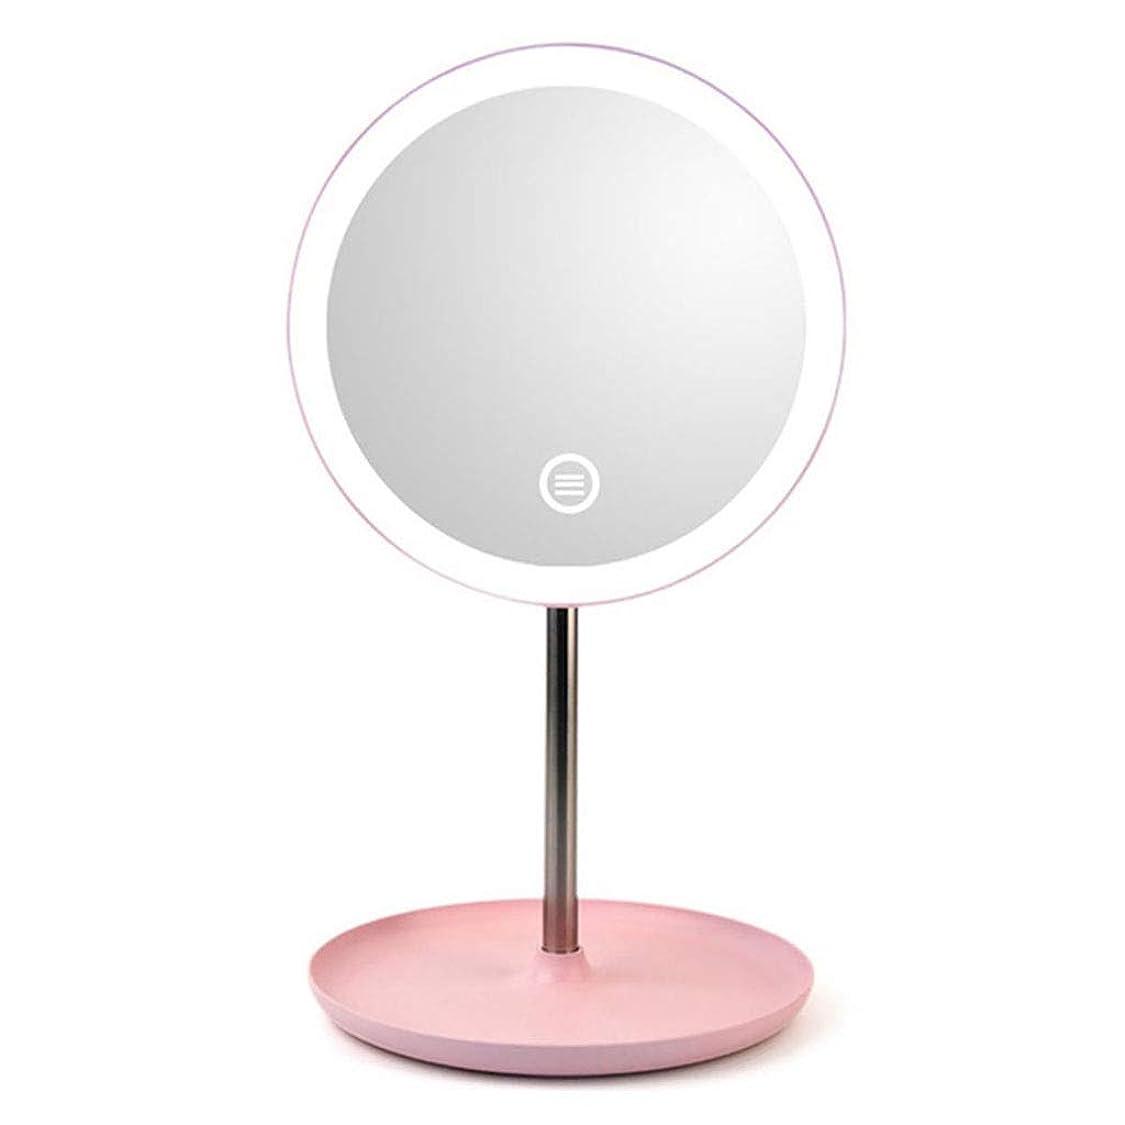 証明ベールイブカウンタートップバニティミラー 360°回転卓上化粧鏡タッチボタン調節可能なライトポータブル卓上led照明付き化粧虚栄心ミラーデュアル電源 (Color : Pink, Size : 17.5x30 cm)